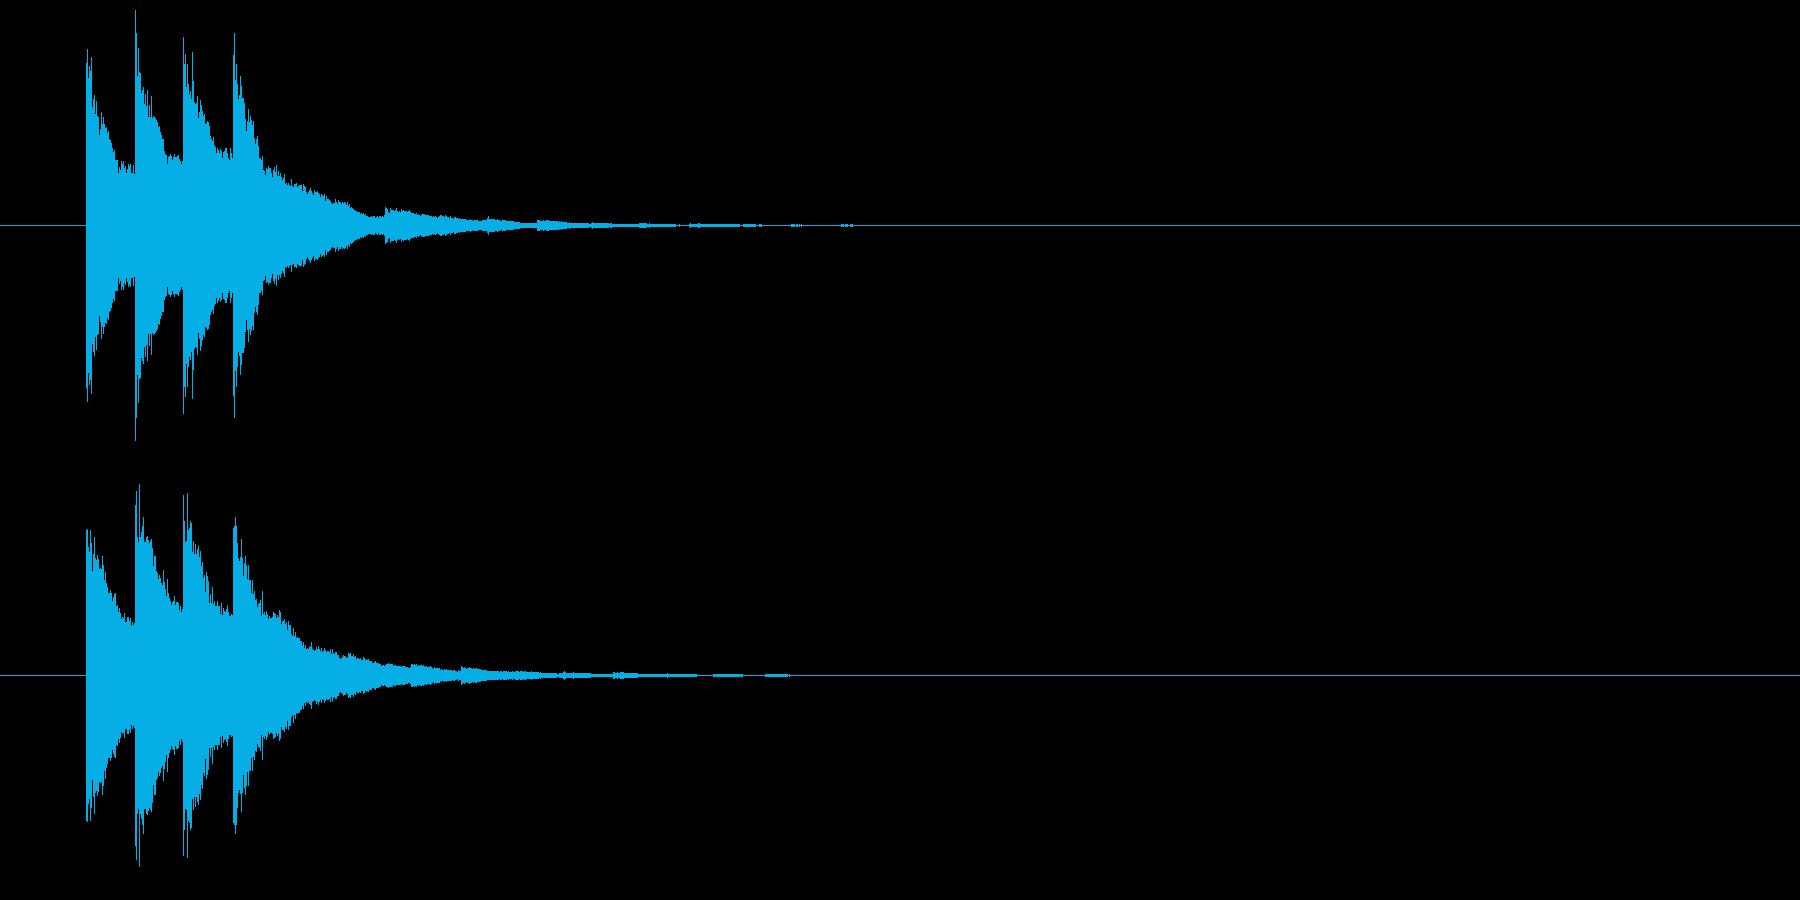 カンカン(鐘、ベル、発射合図)の再生済みの波形